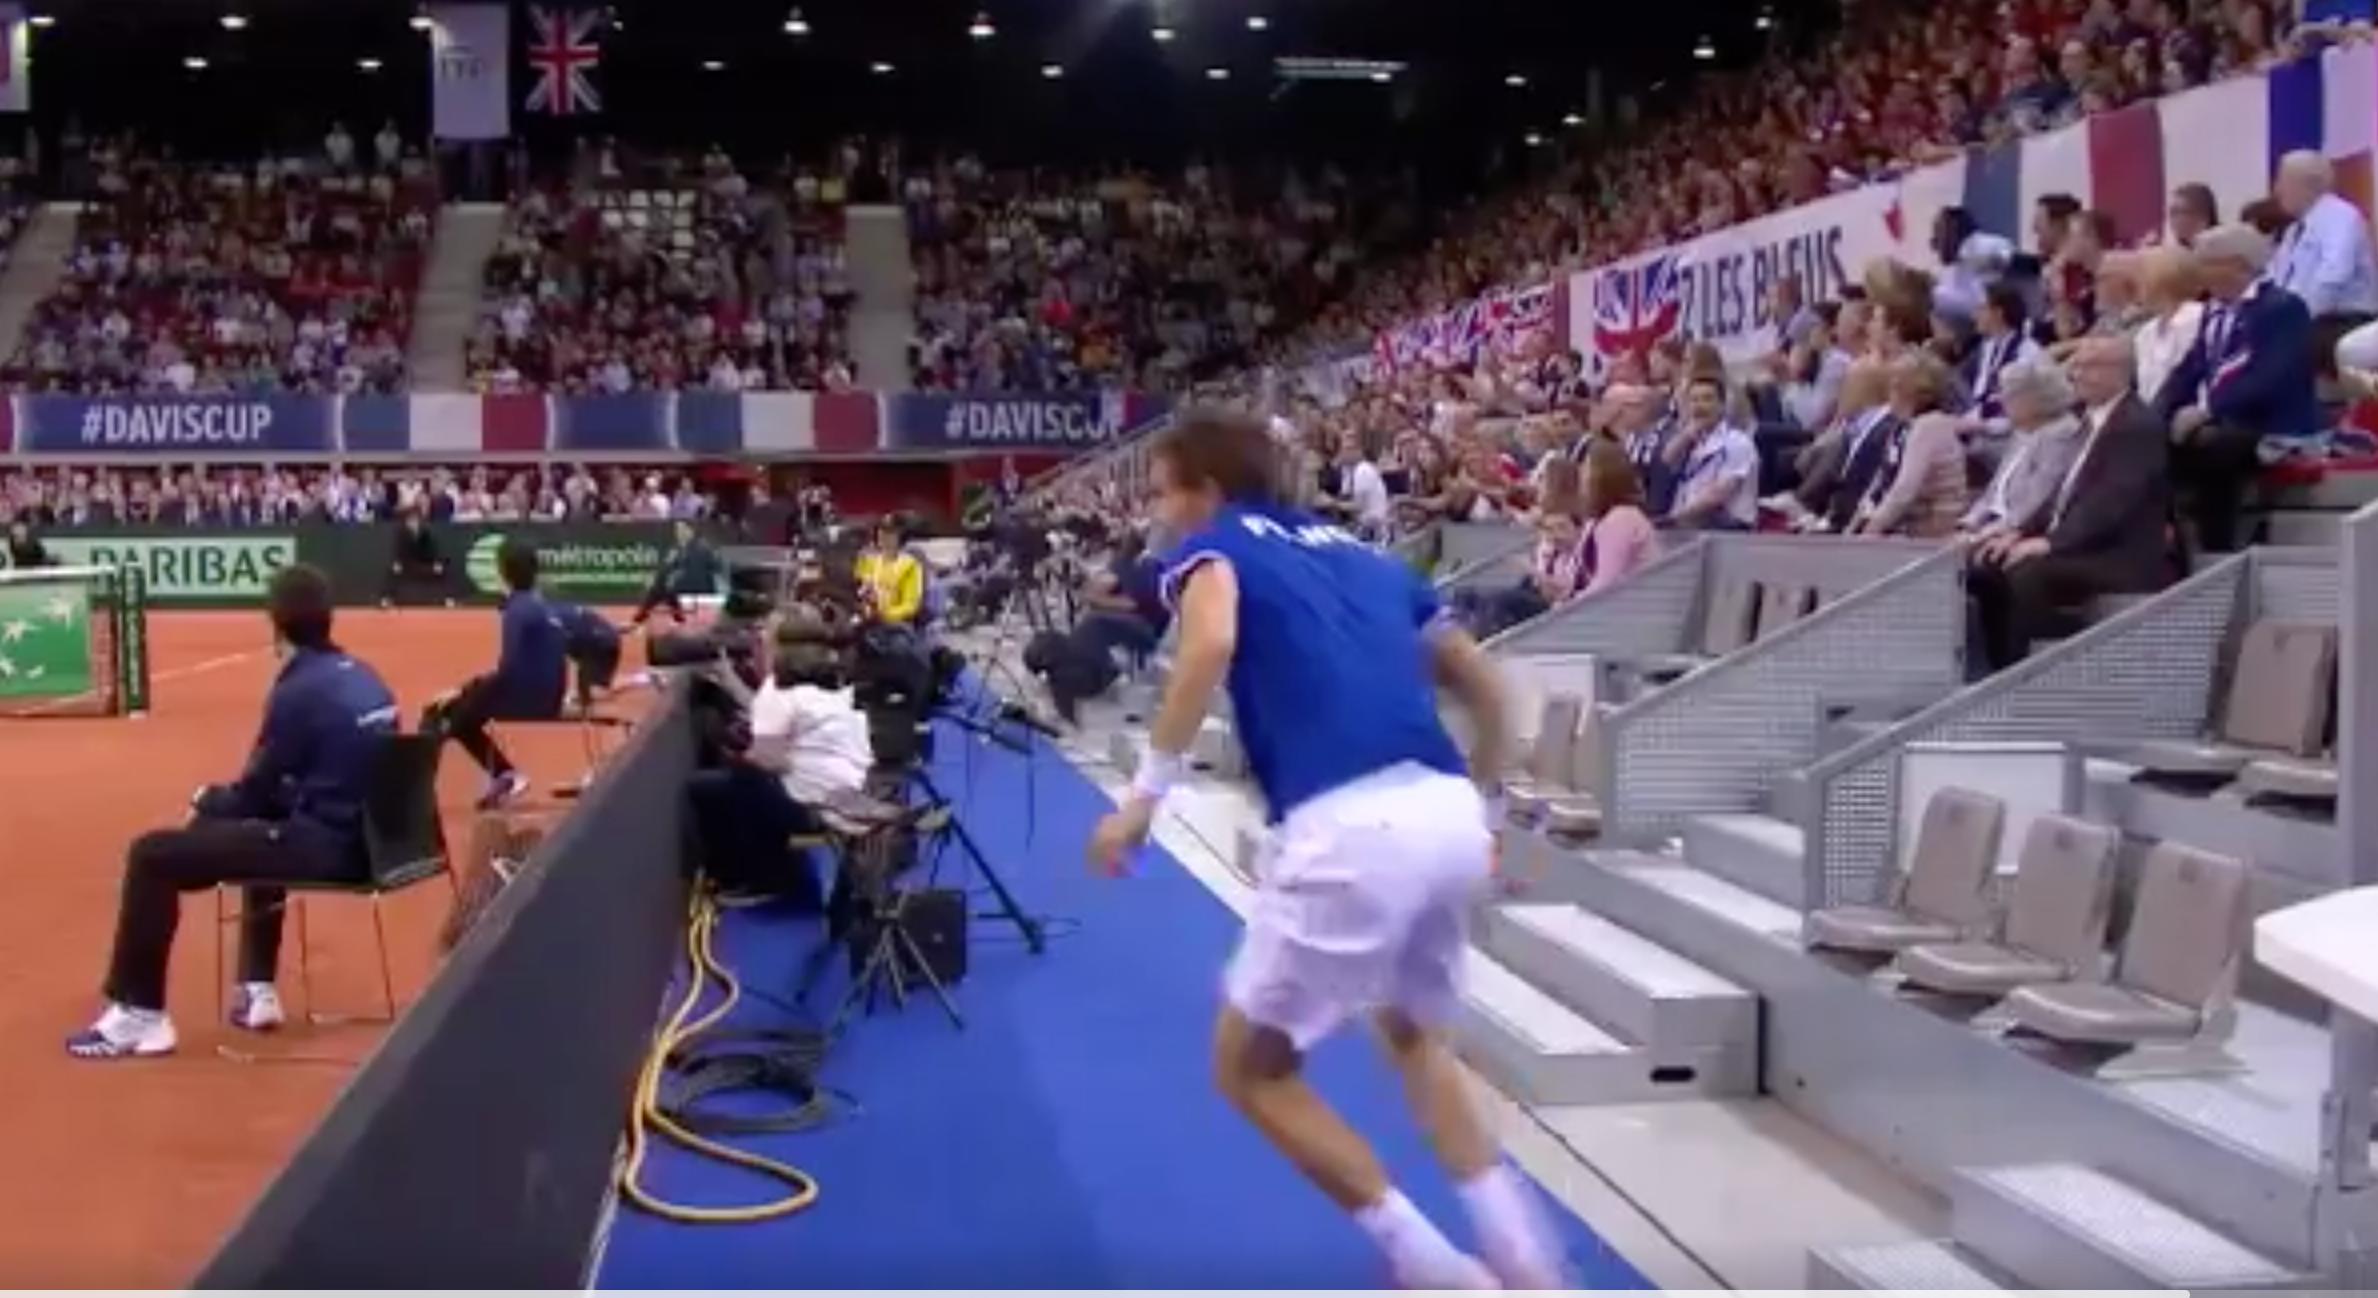 Coppa Davis: il miracoloso recupero di Mahut non basta